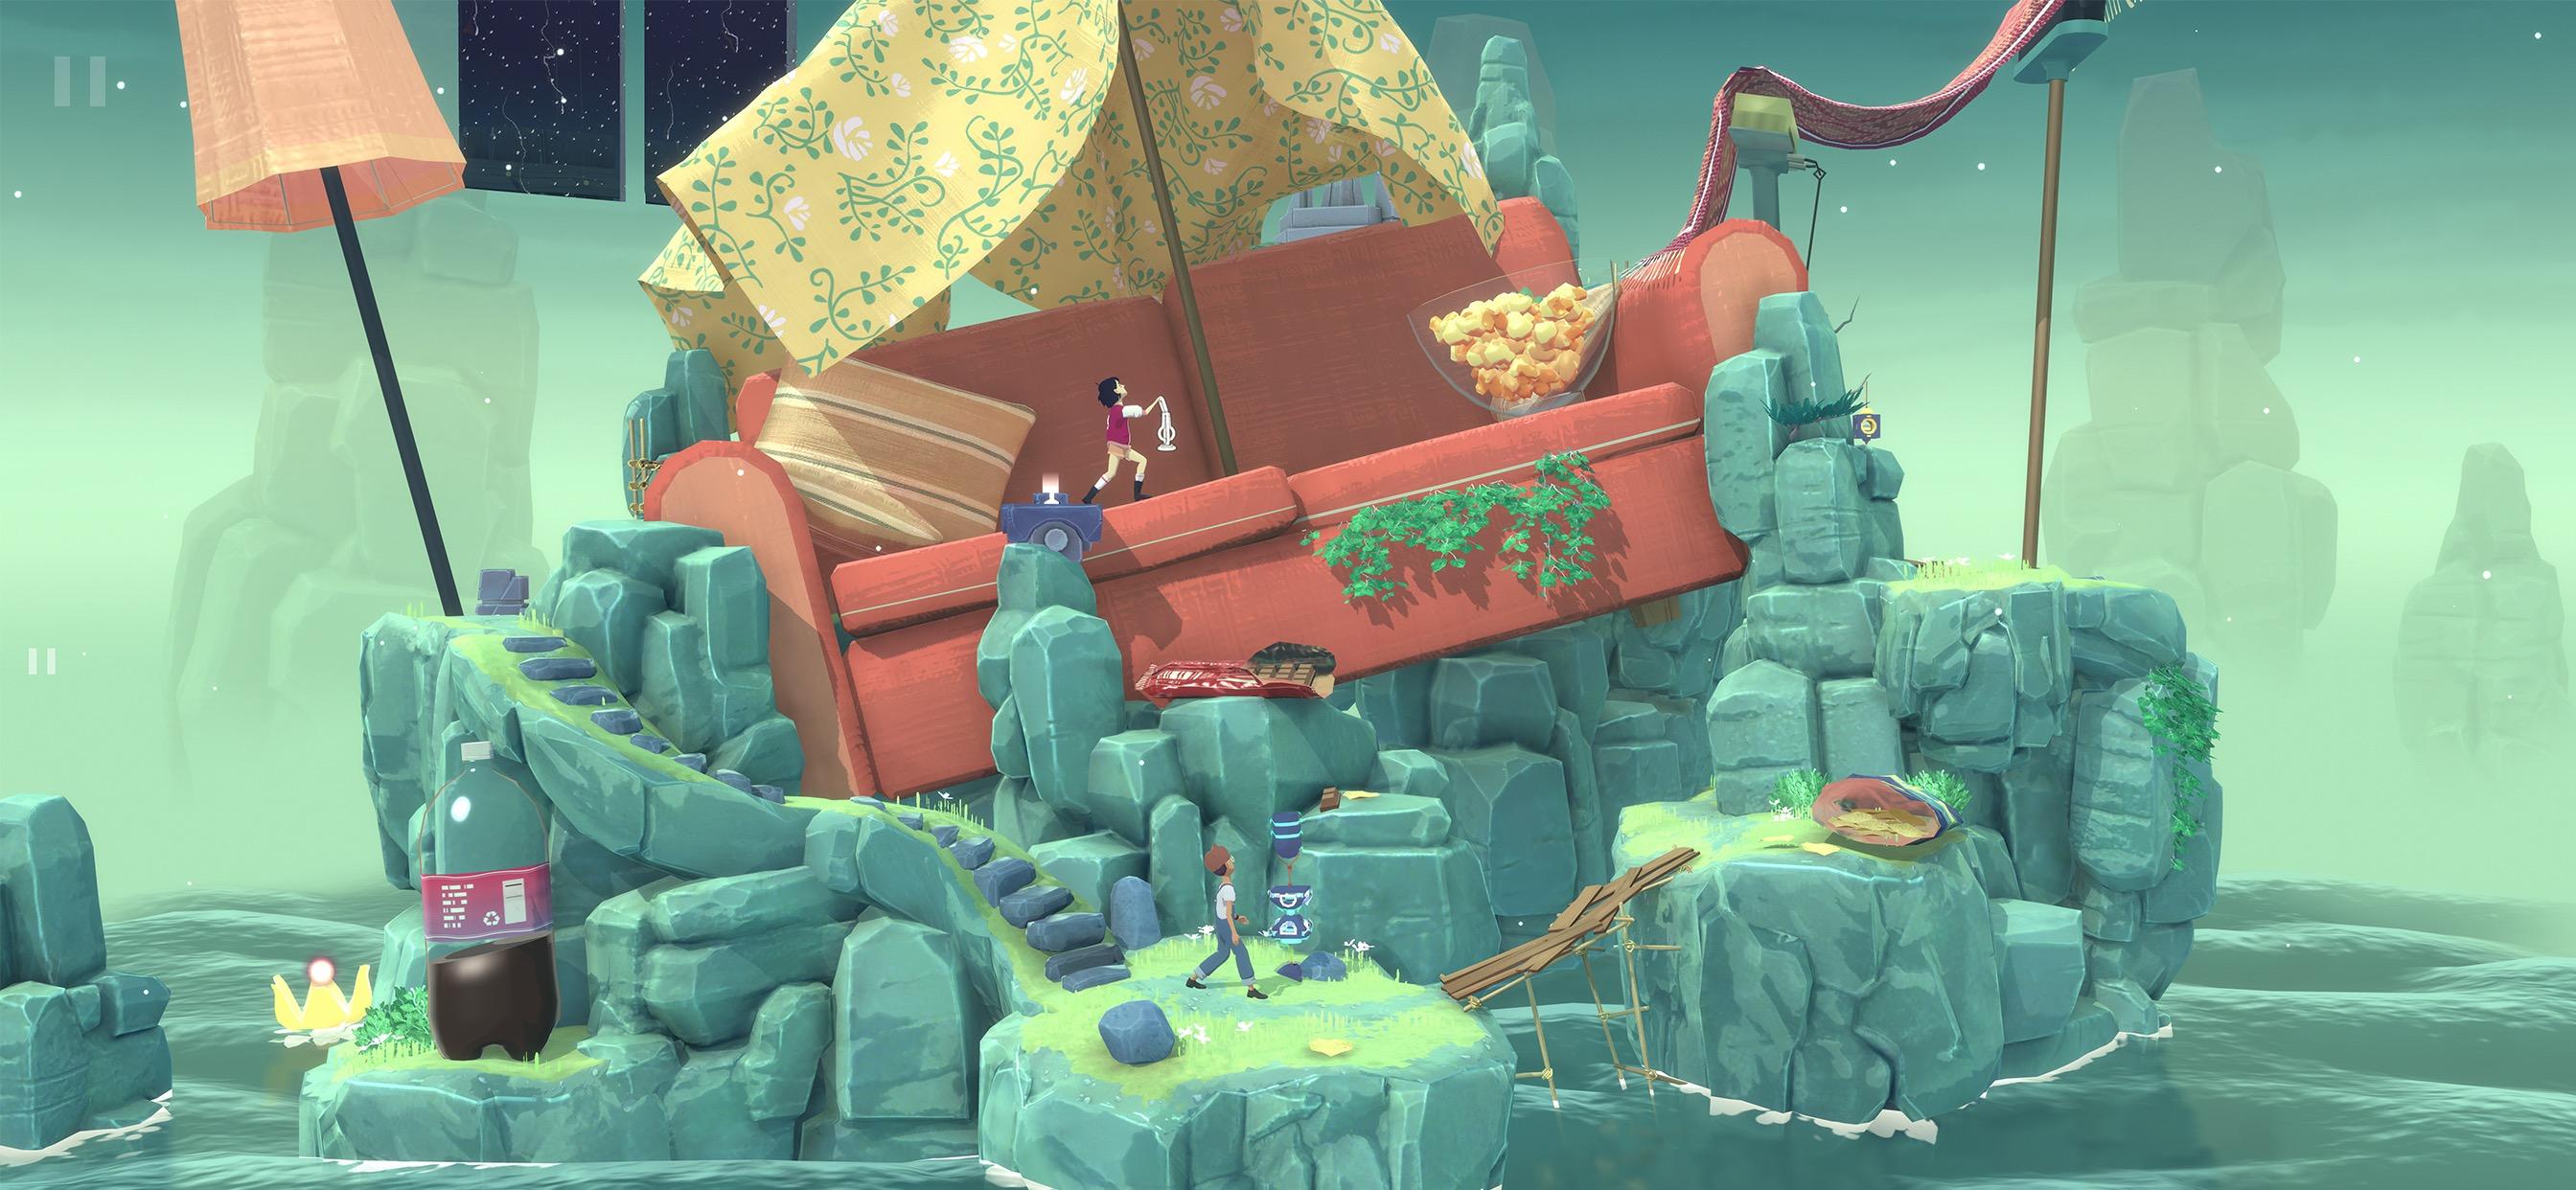 """Test de """"The Garden Between"""" sur iOS : jouez avec les rêves et le temps dans ce jeu d'énigmes original 1"""